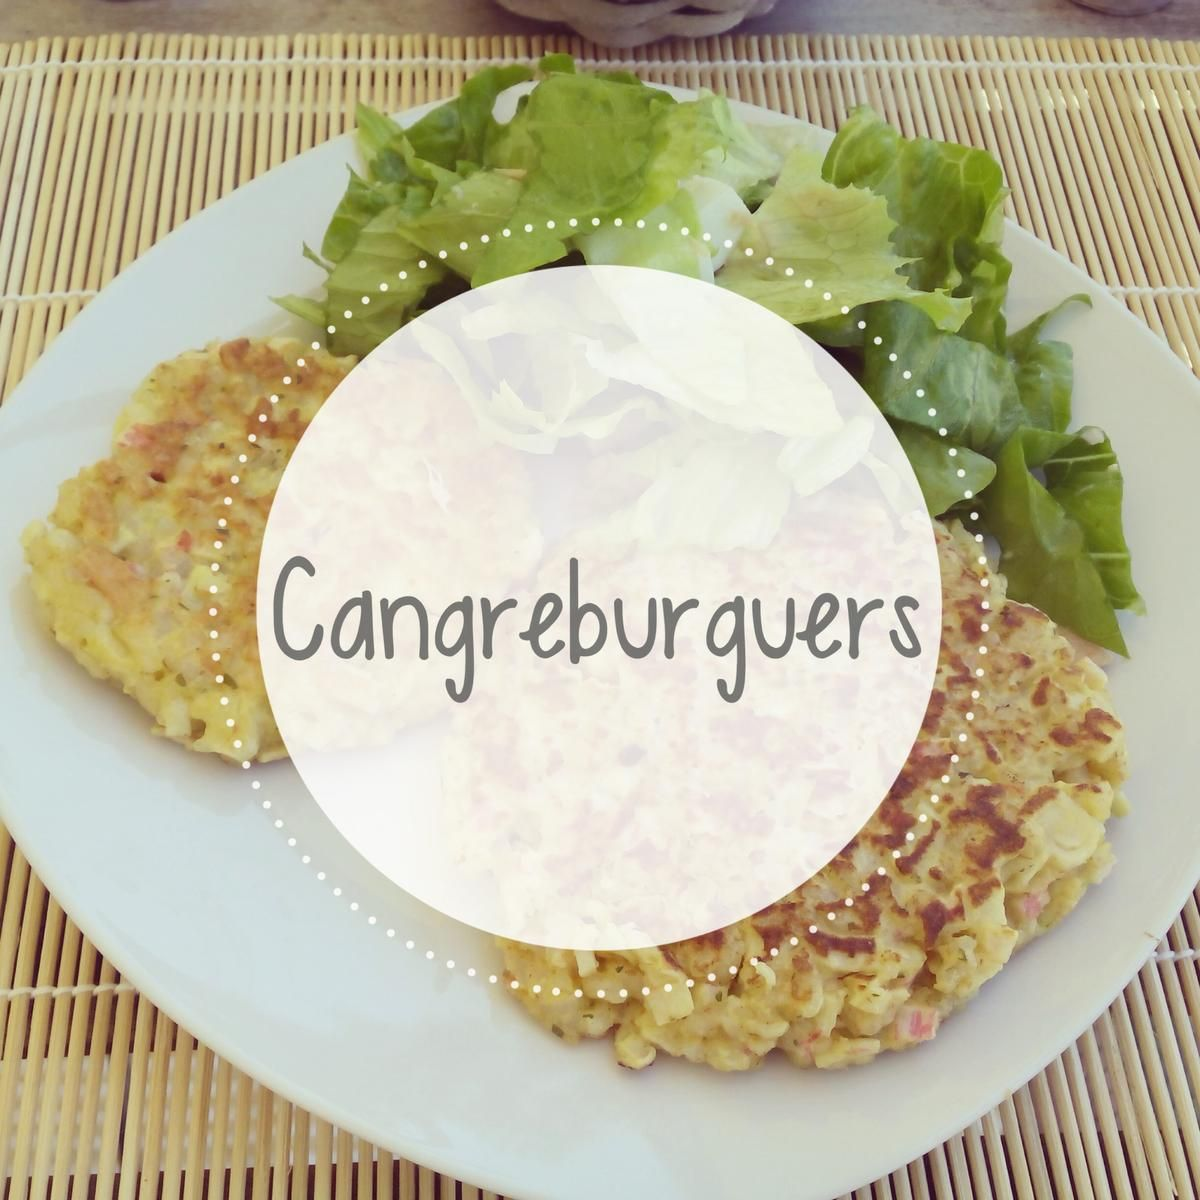 Deliciosas Y Sanas Cangreburguers Cocinar En Casa Es Facilisimo Com Arroz Integral Palitos De Cangrejo Sana